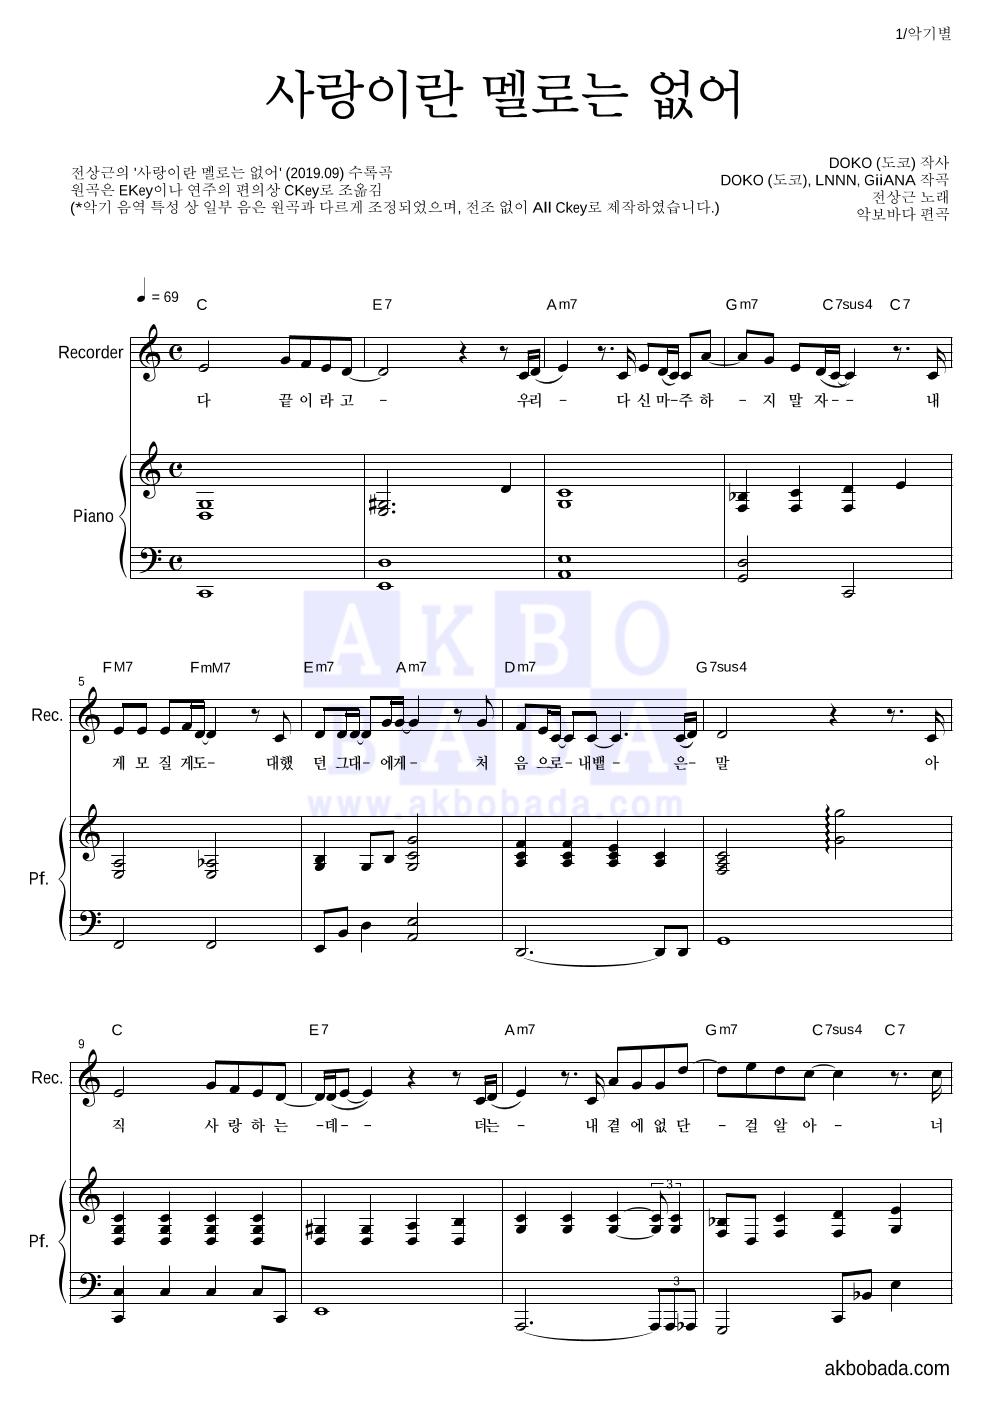 전상근 - 사랑이란 멜로는 없어 리코더&피아노 악보